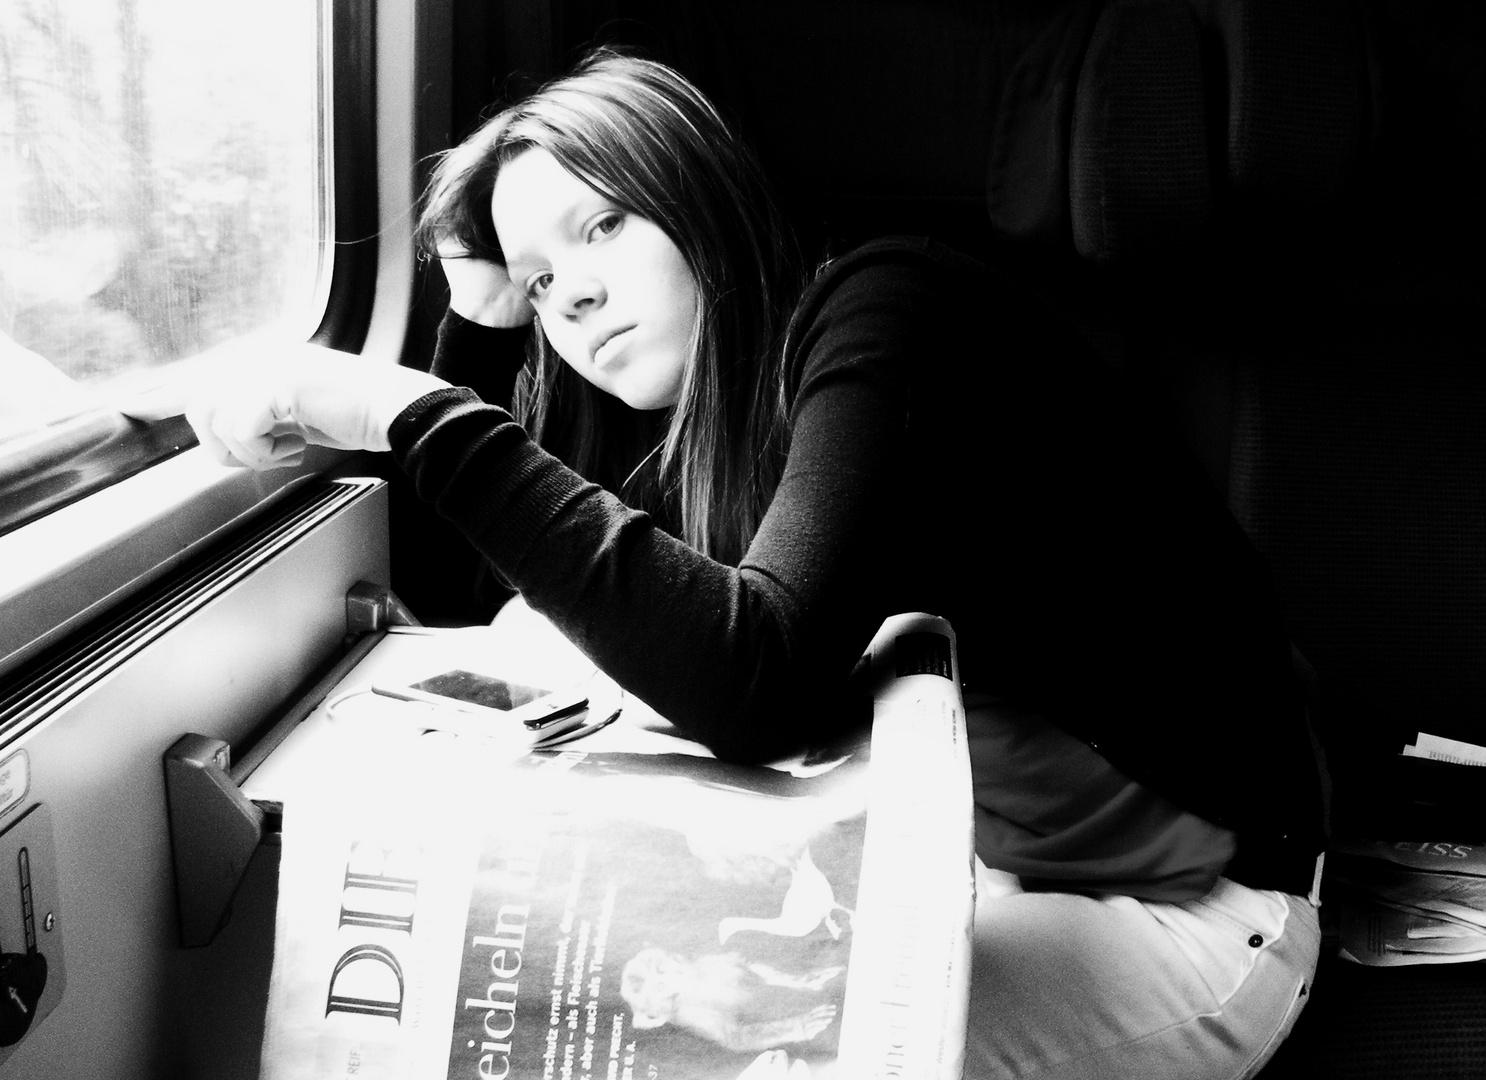 eine lange Rückreise in der Bahn odr Figuren ans Zugfenster gemalt